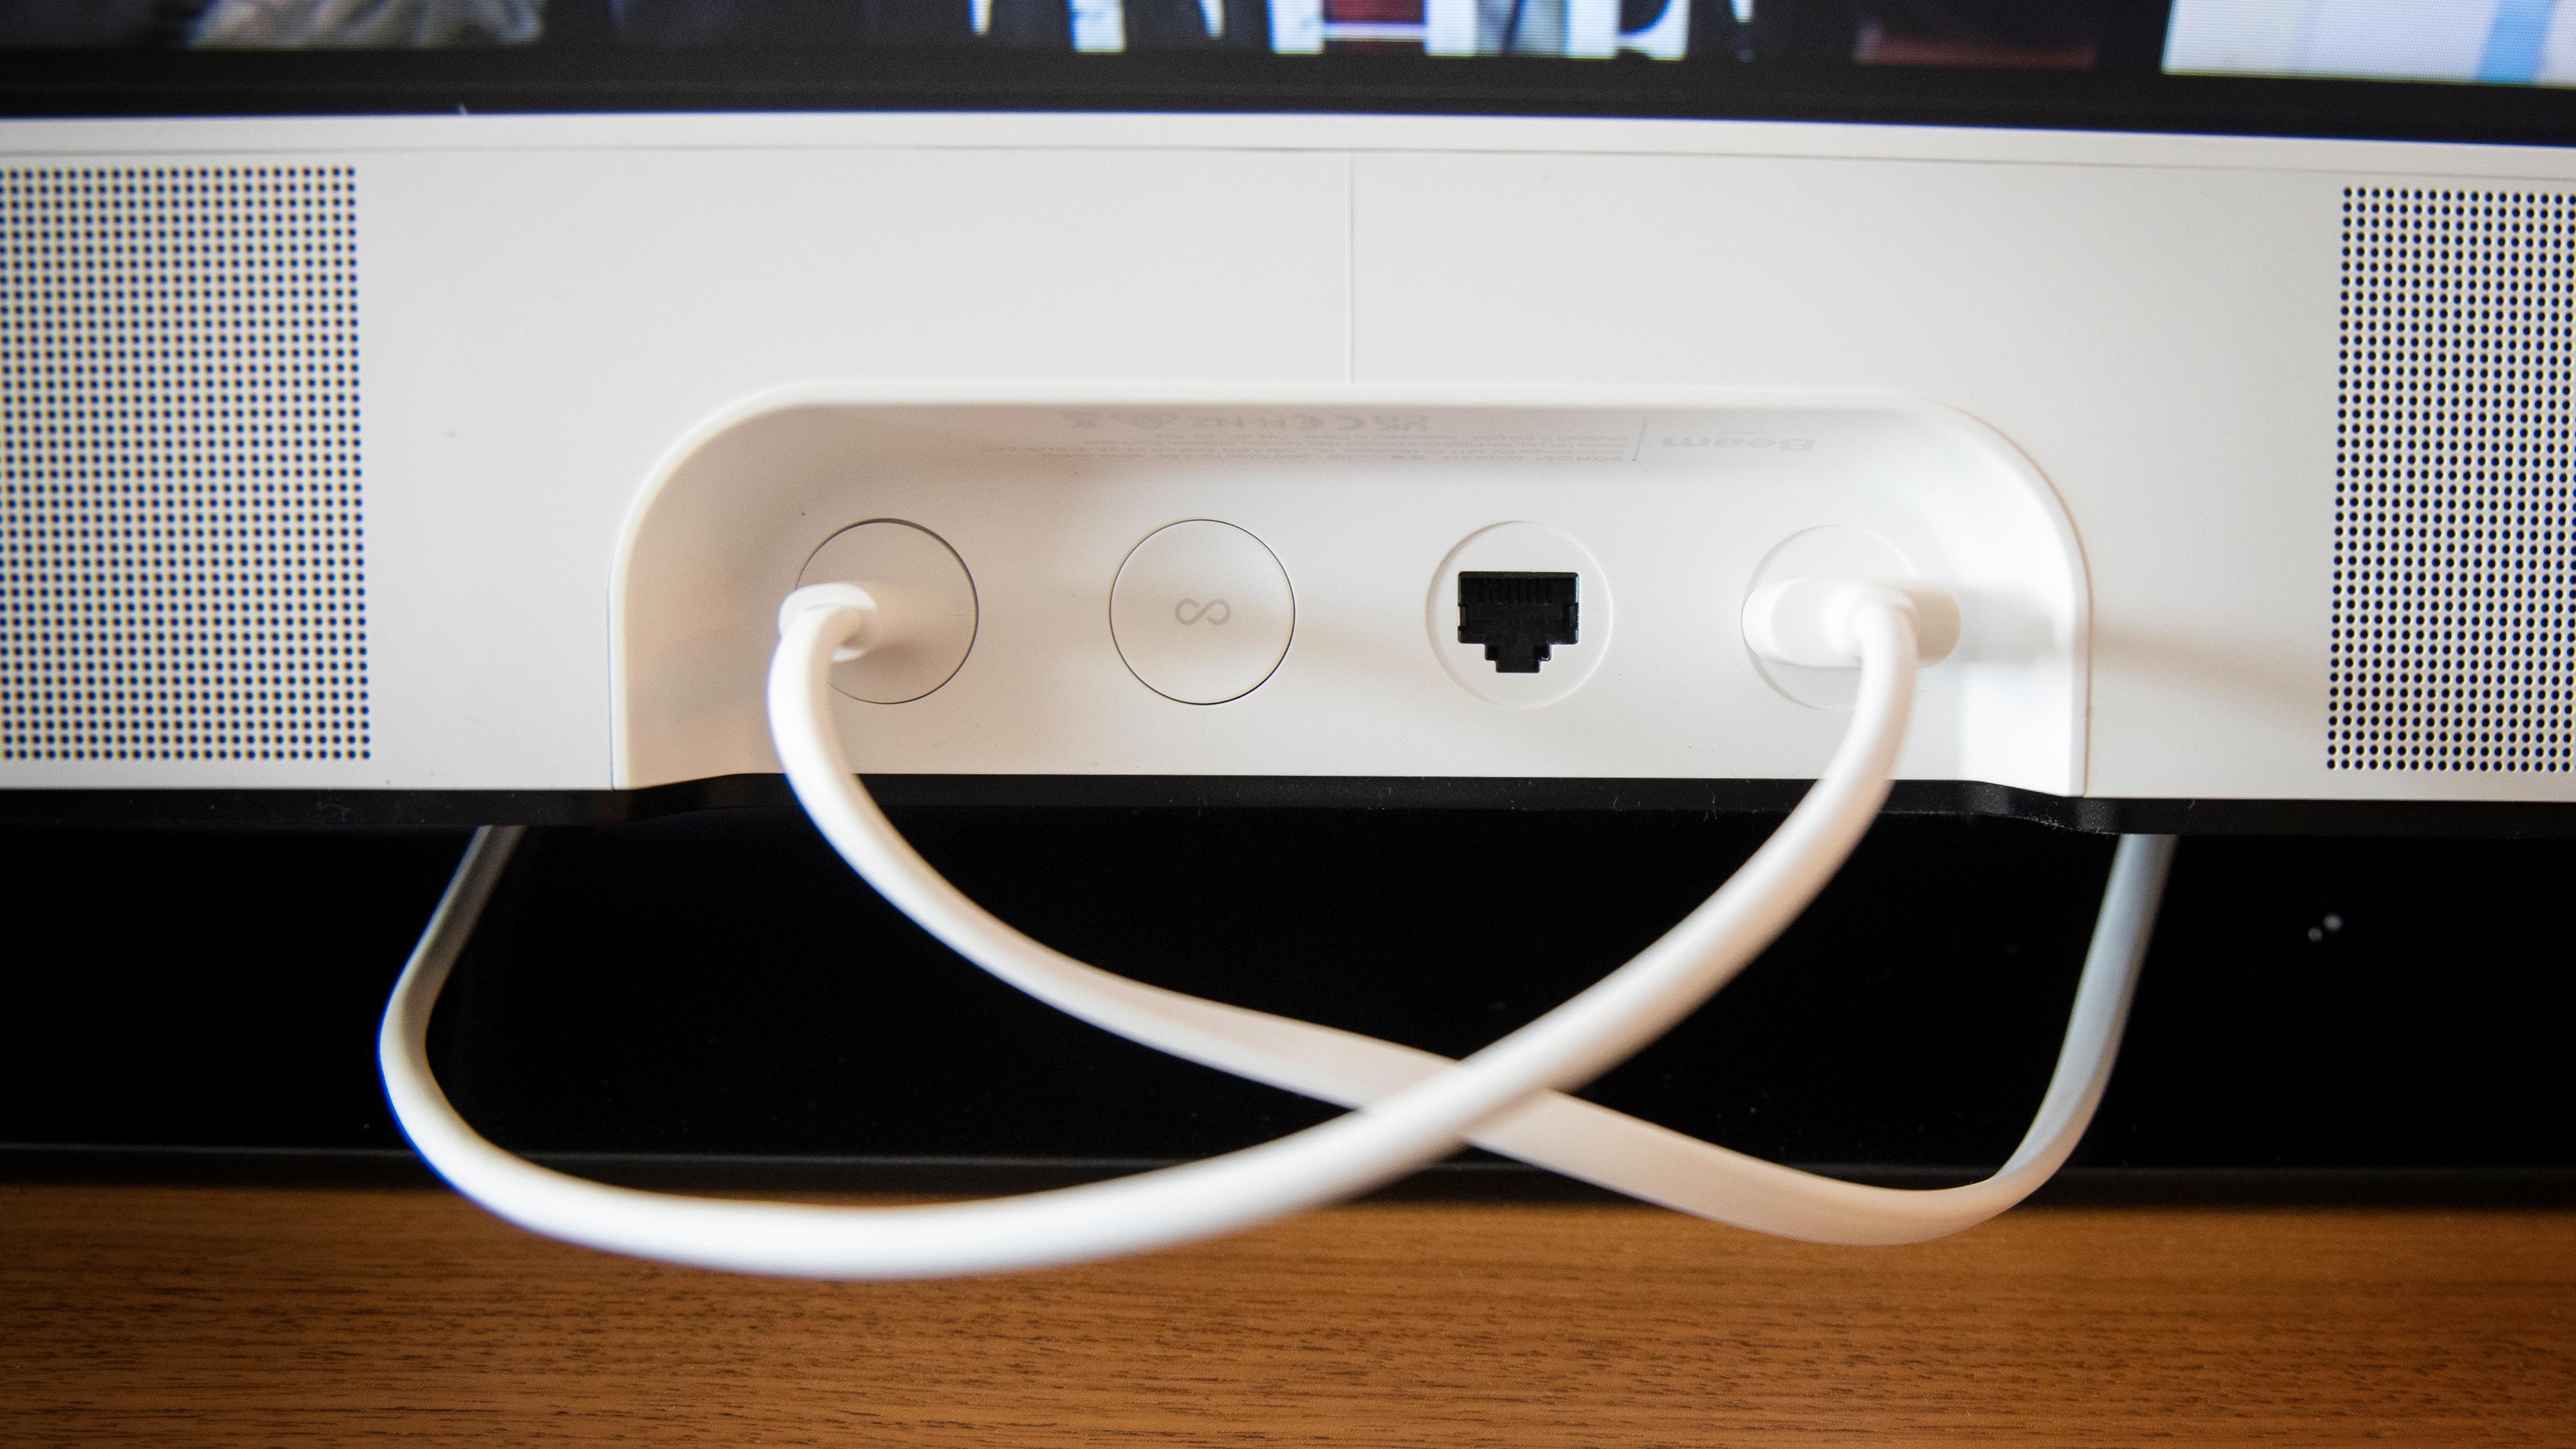 Strøm, HDMI og ethernet er de eneste tilkoblingene du får.